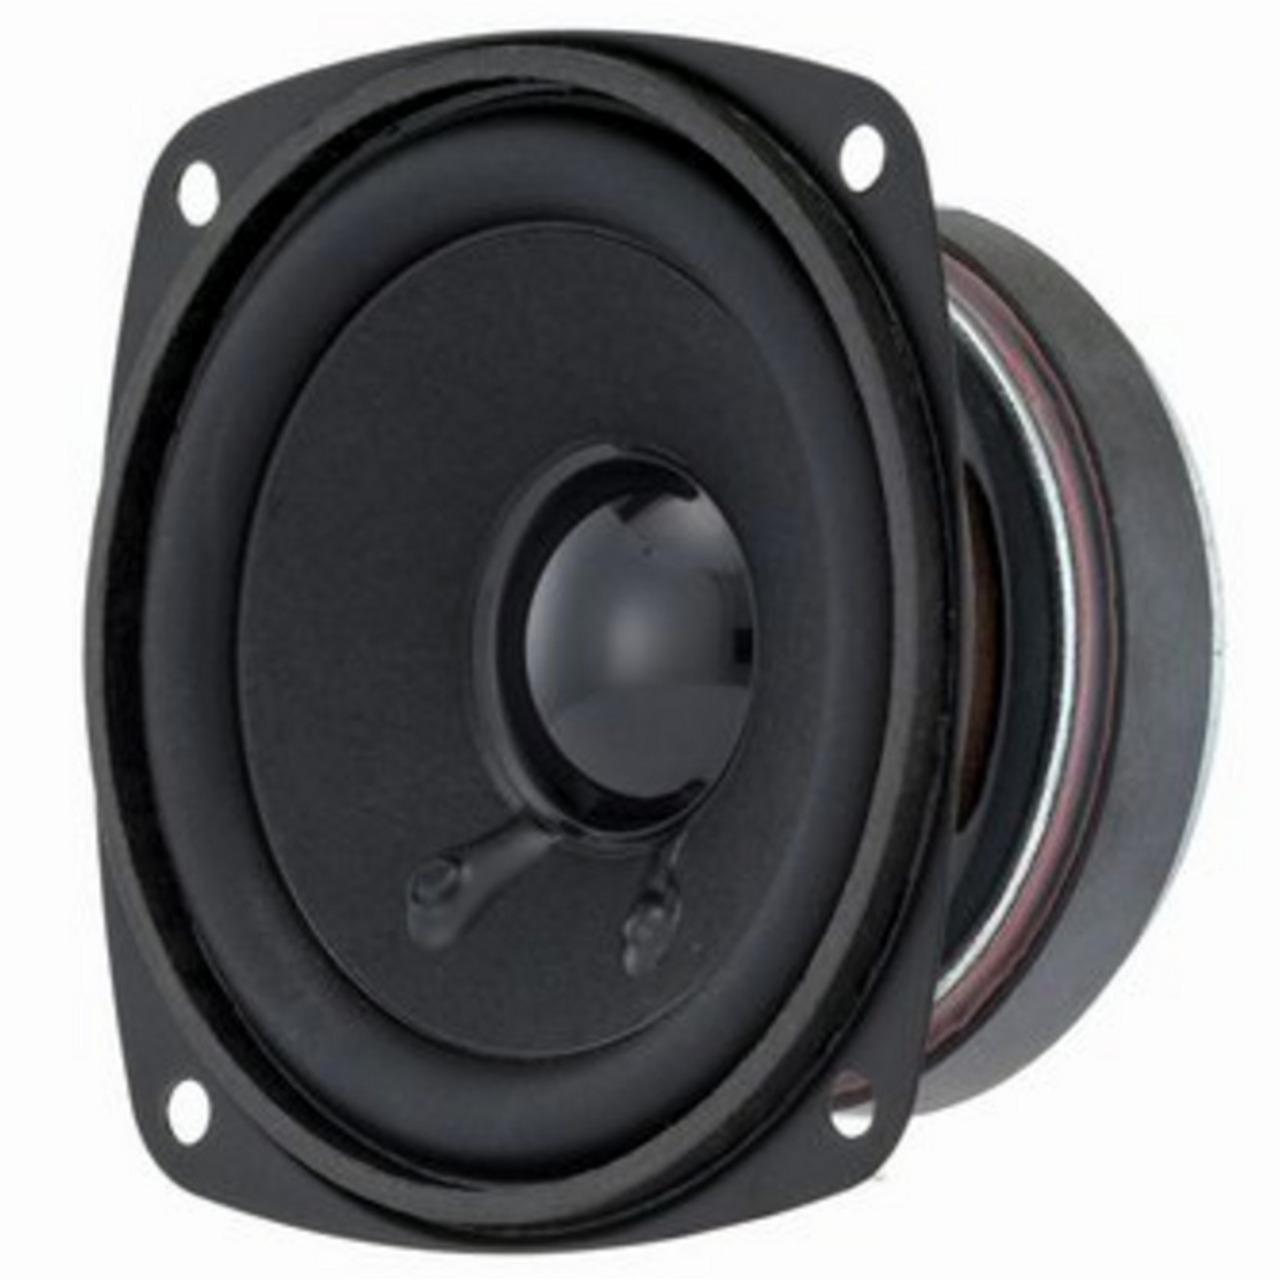 VISATON Hi-Fi-Breitbandlautsprecher- 8 cm- FRS 8- 8 Ohm